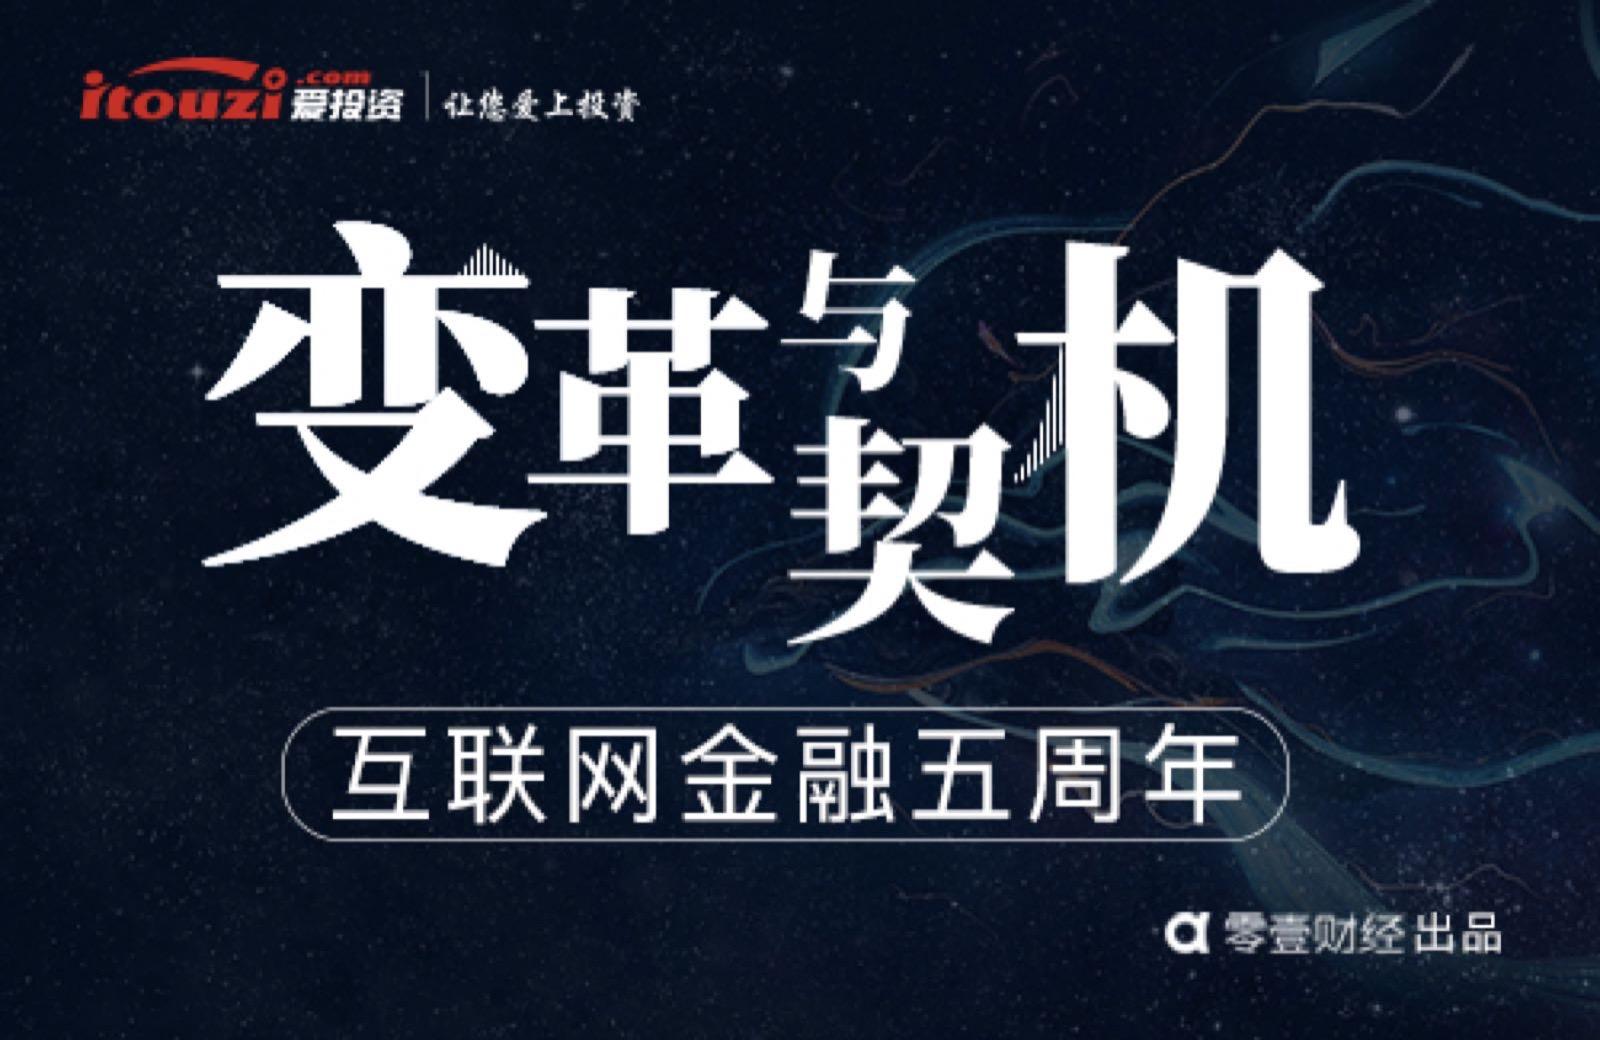 变革与契机——爱投资联合零壹财经聚焦互联网金融五周年